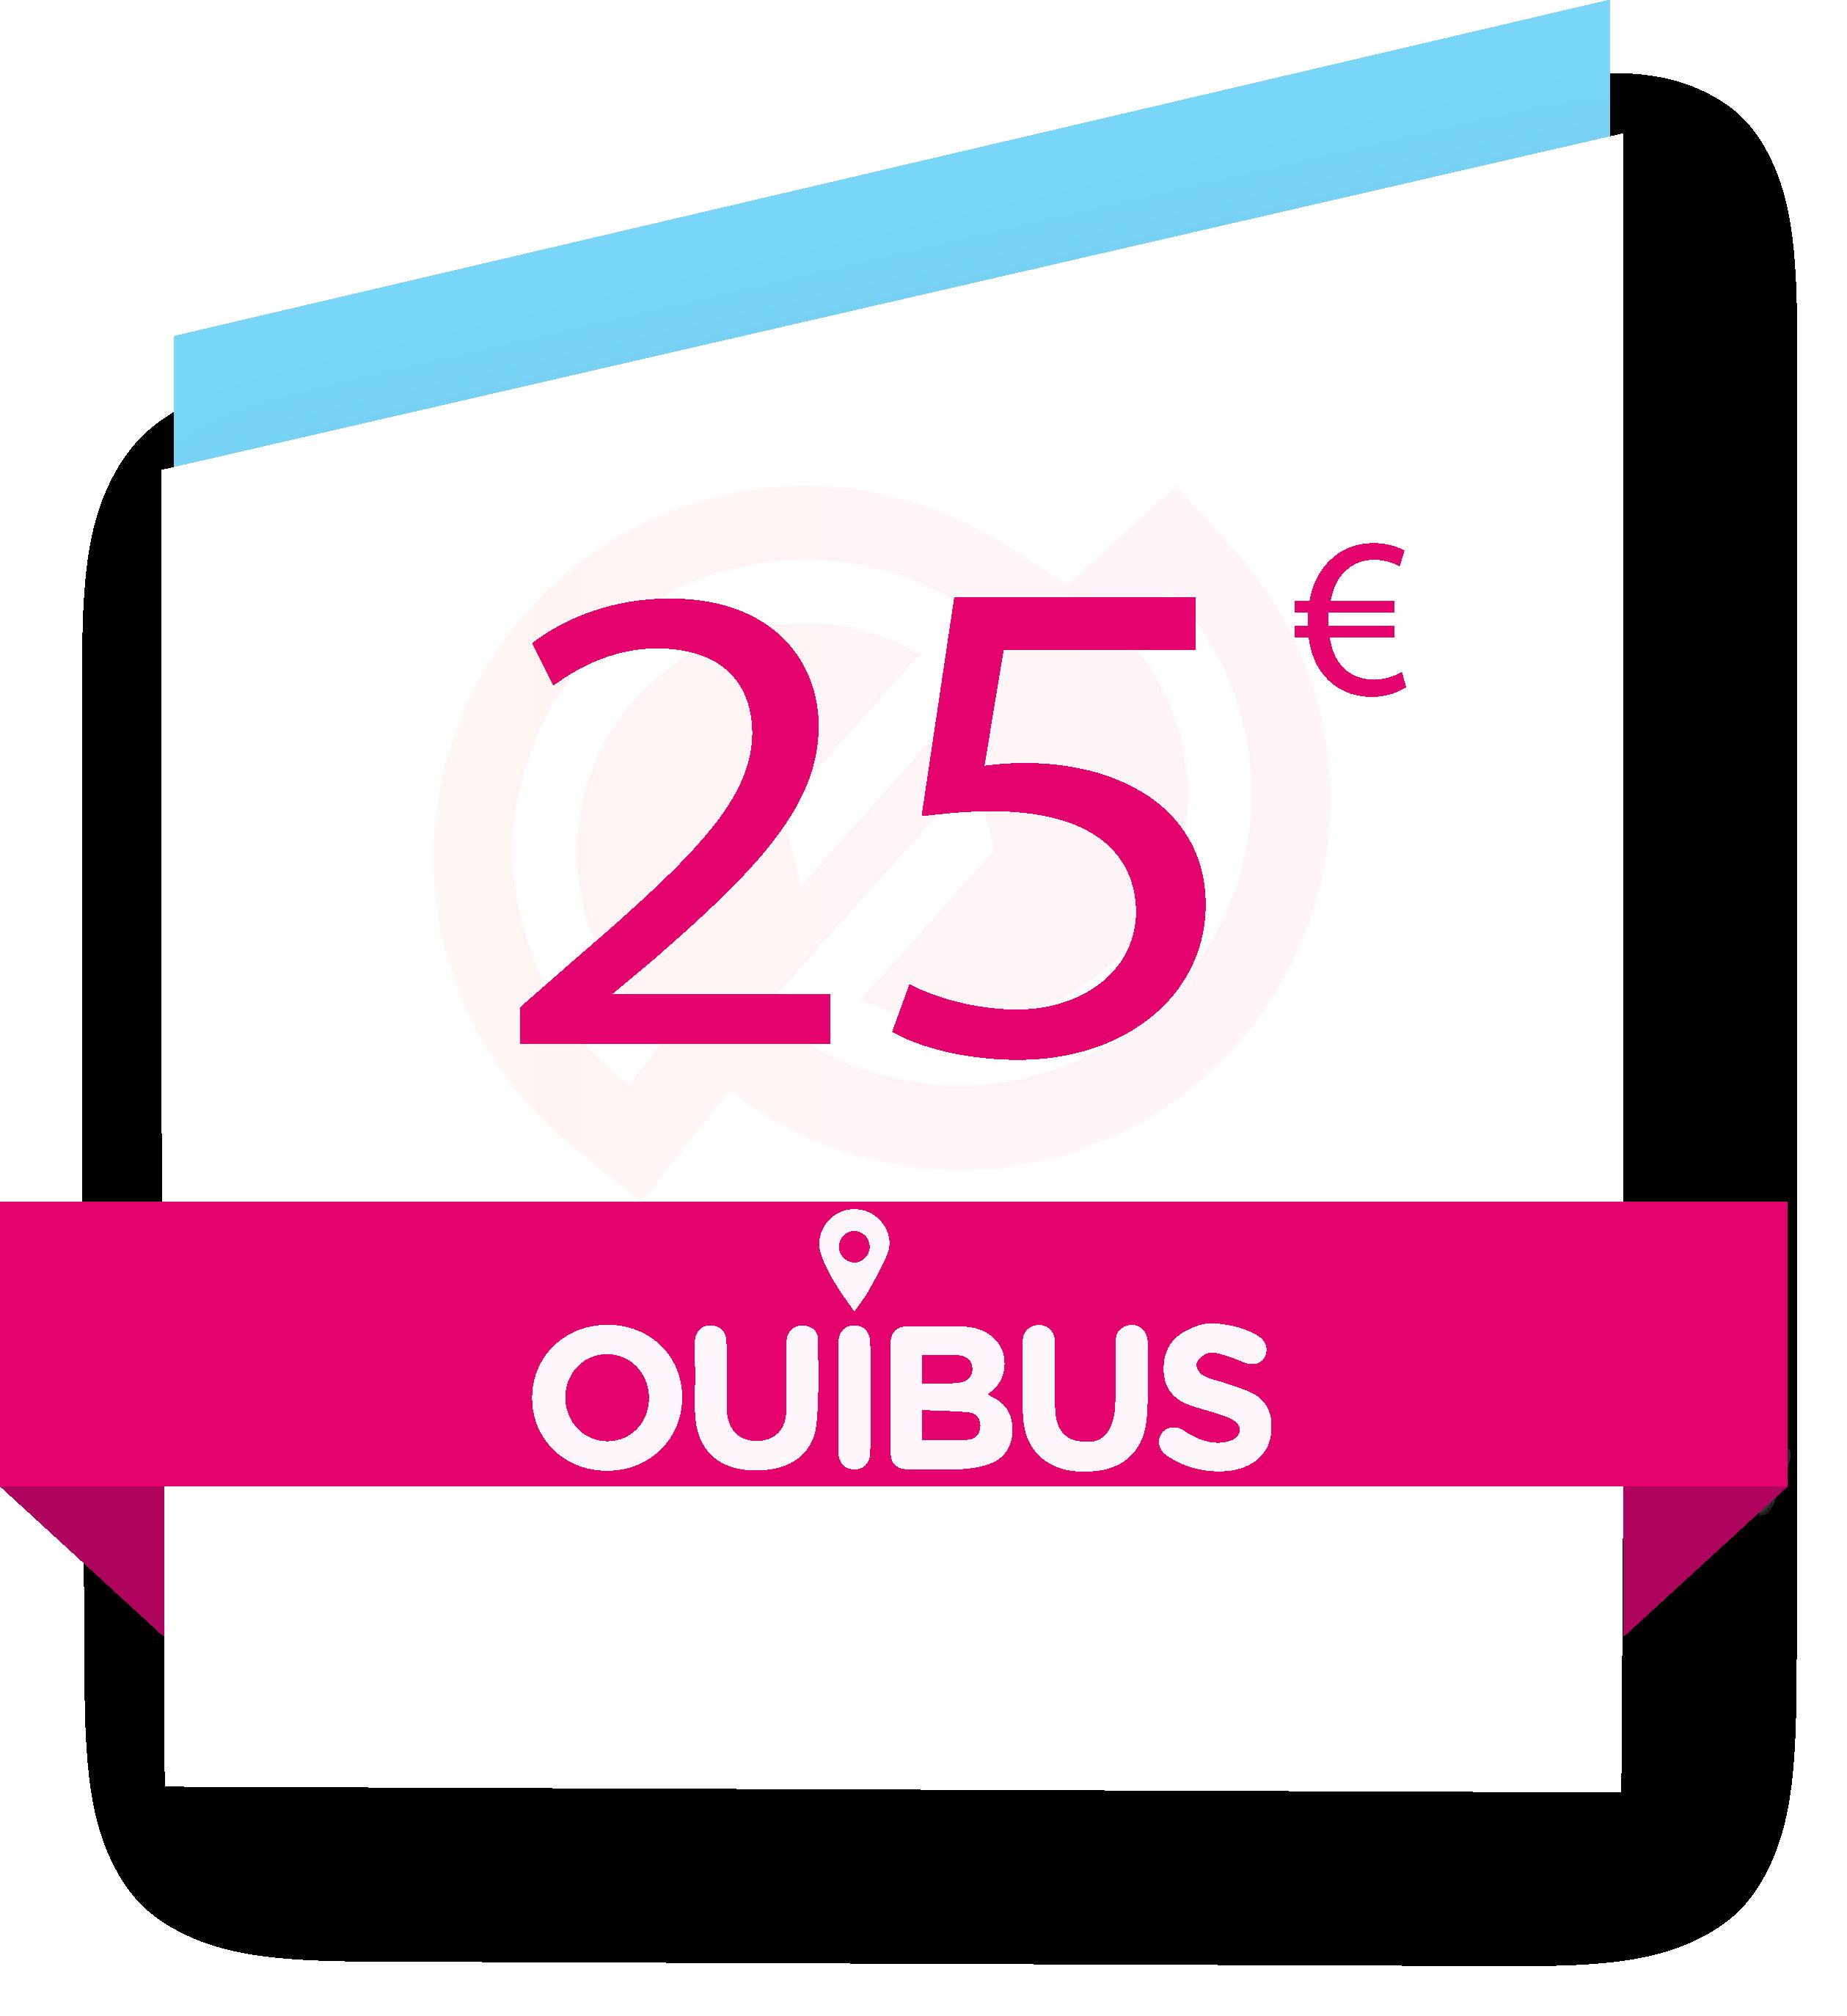 ouibus-25-euros